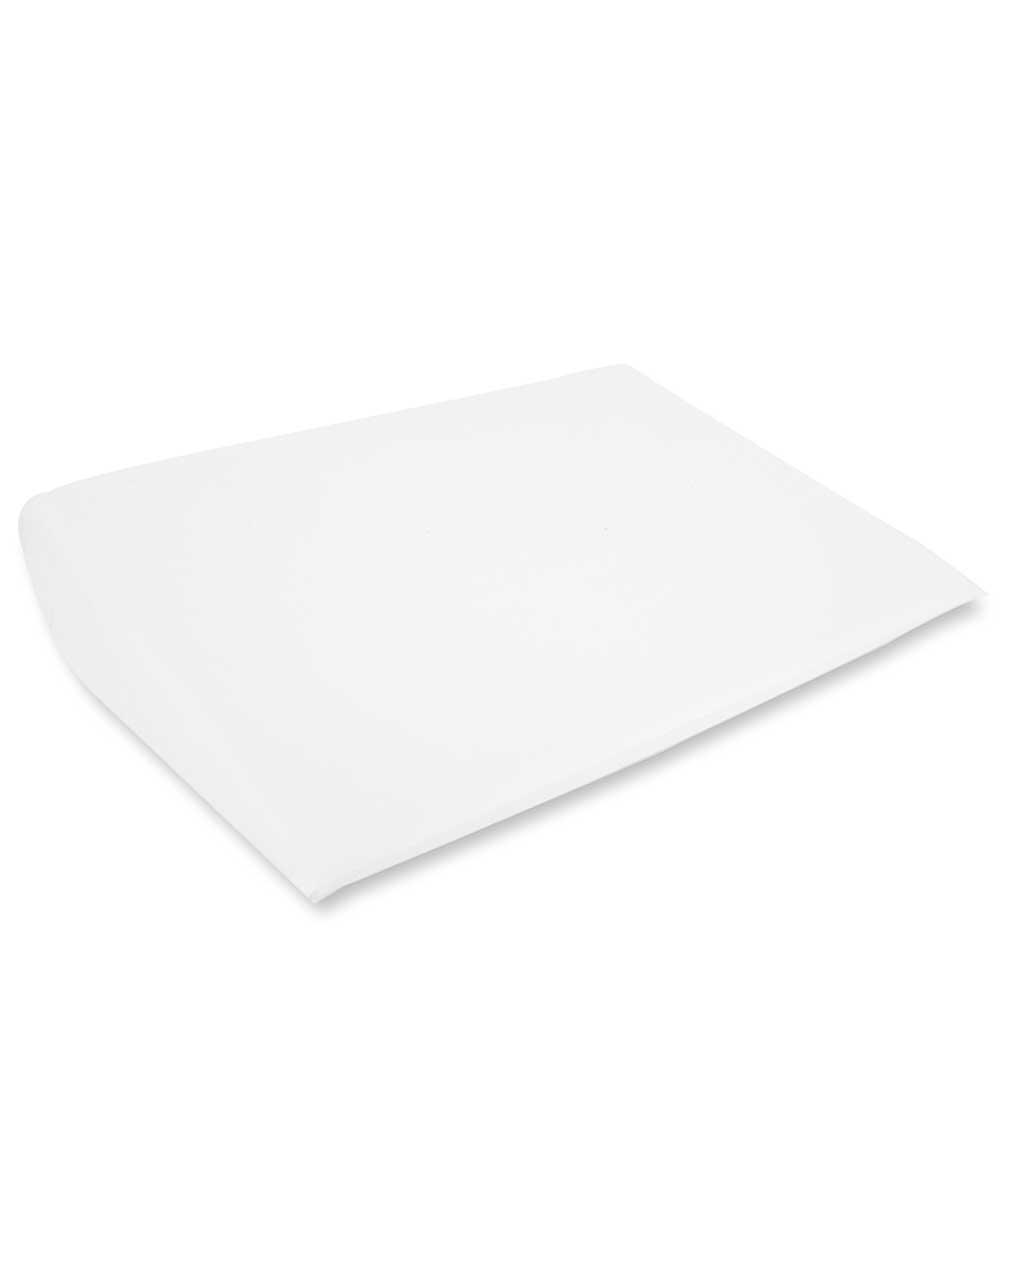 Copri cuscino antireflusso letto - Giordani